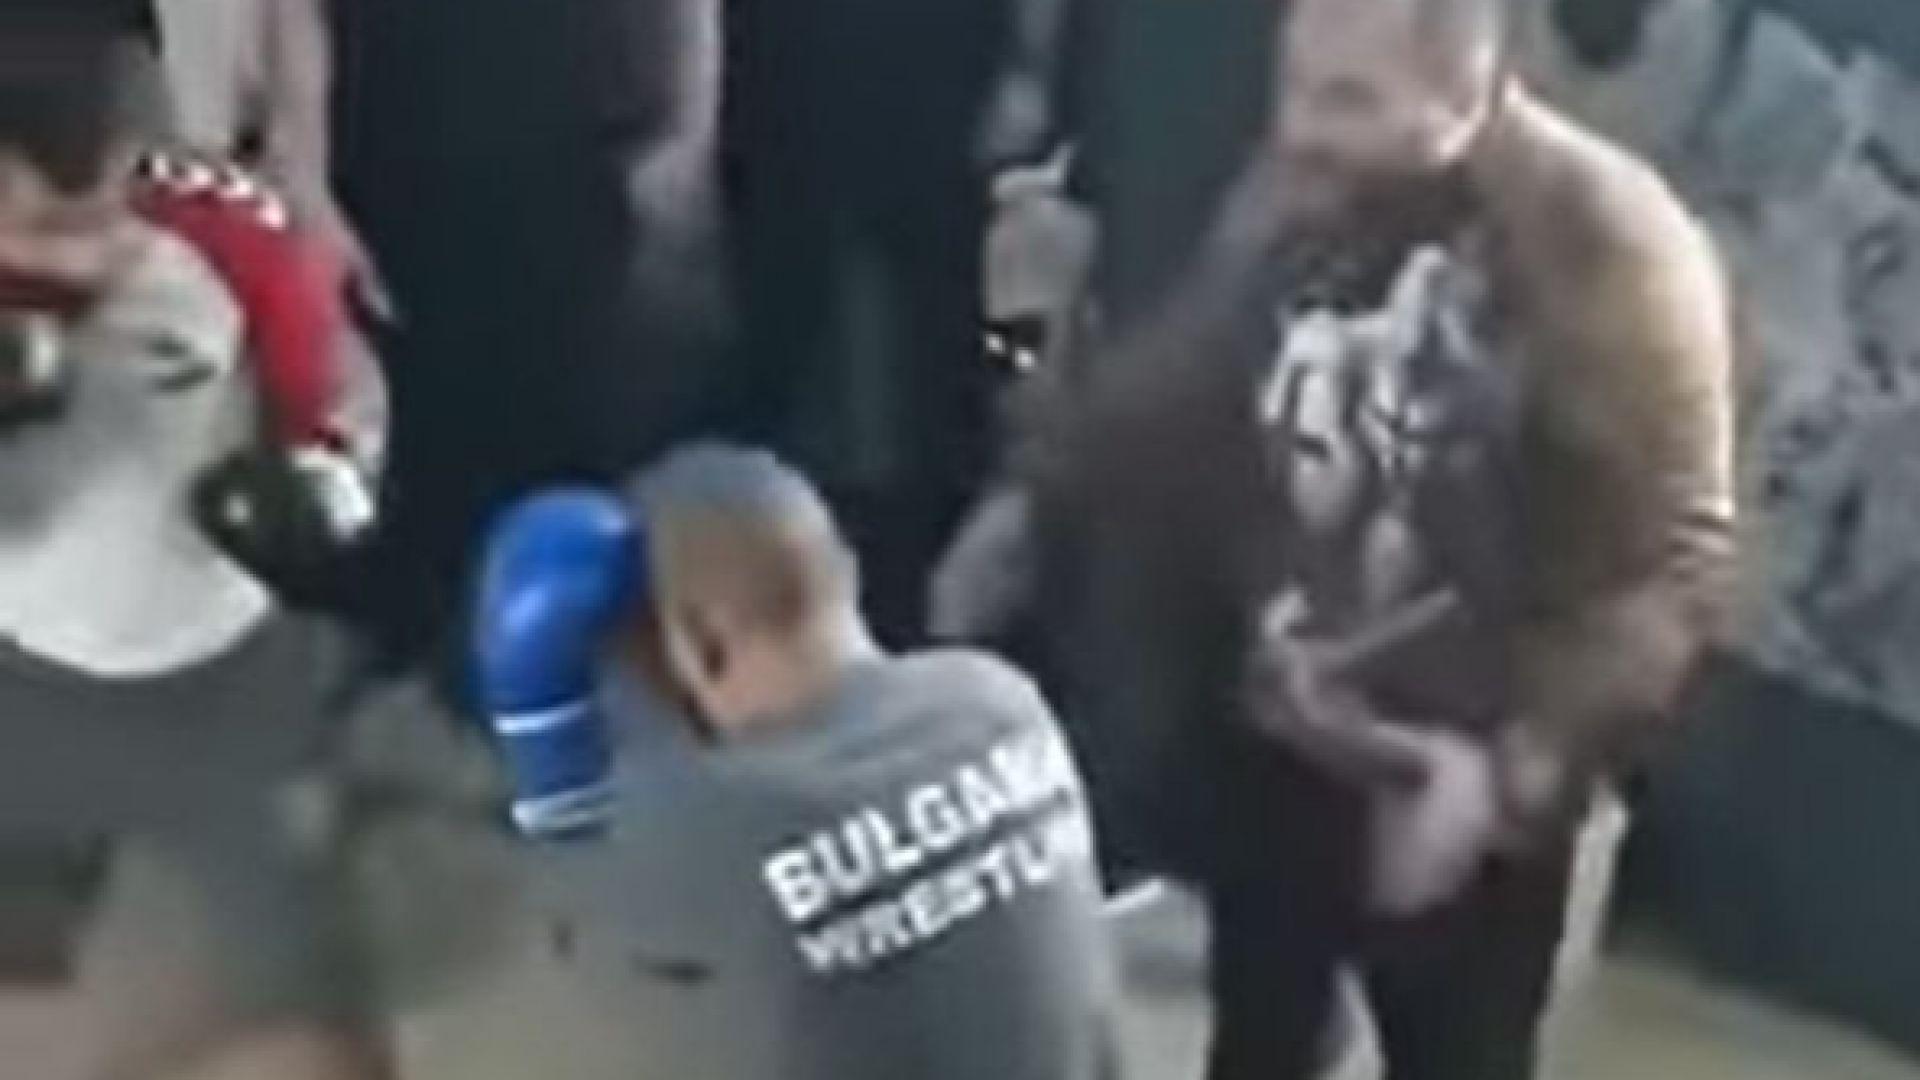 Димитър Желязков-Очите учи затворници да се боксират зад решетките (видео)